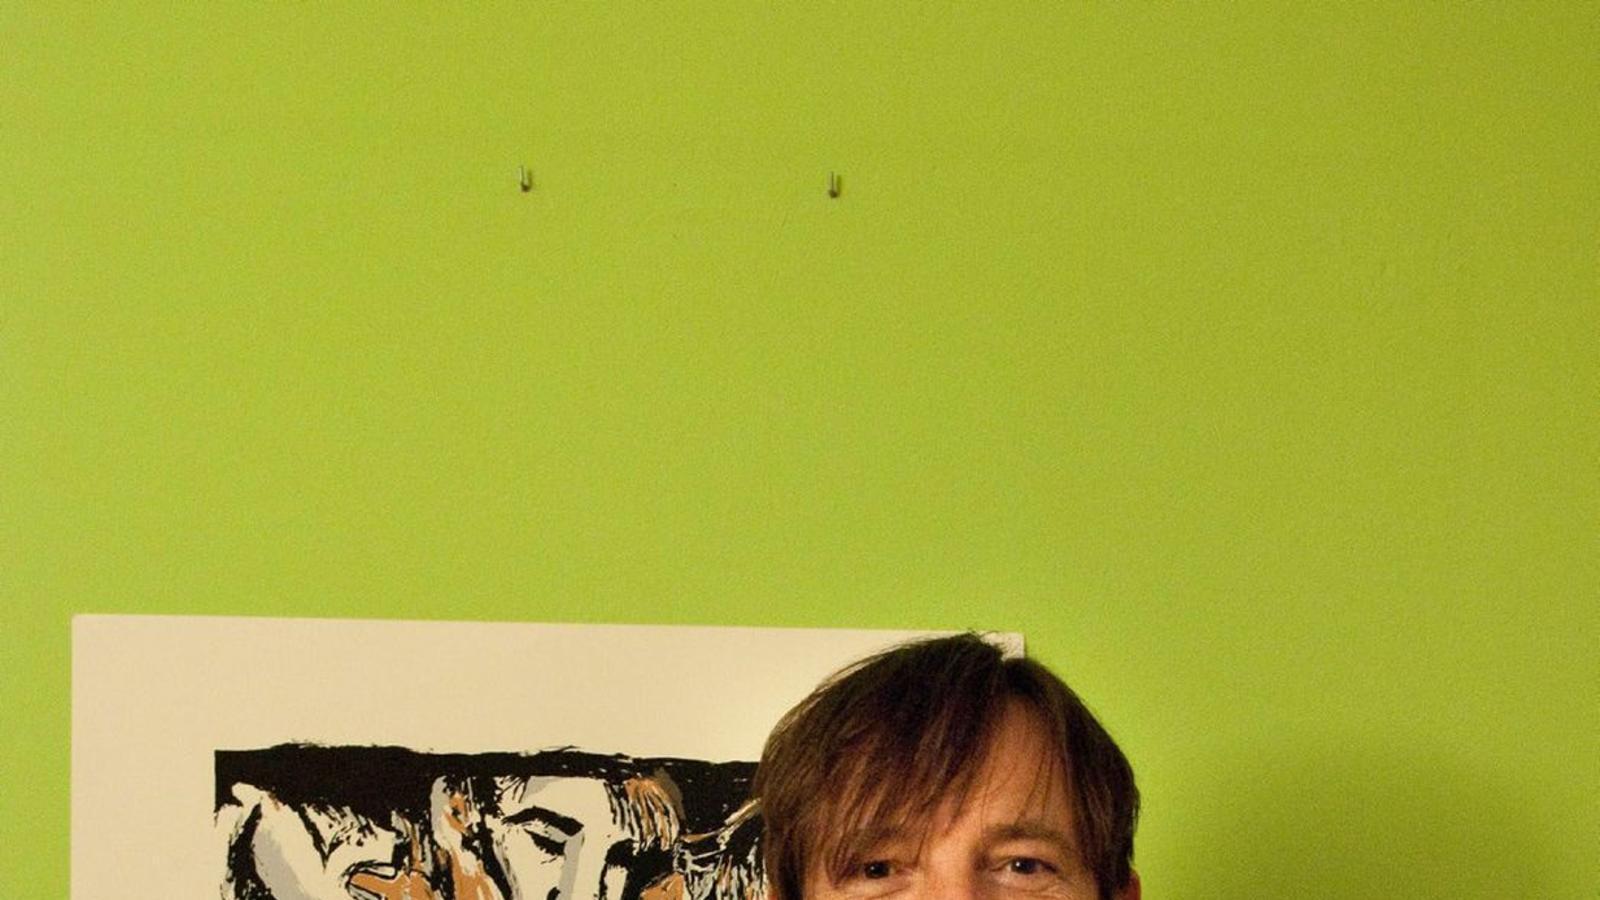 Ignasi Blanch conserva, orgullós, els pinzells amb els quals l'estiu del 1990 va pintar Parlo d'amor, la seva obra al Mur de Berlín. / VALERIA FOSSATI